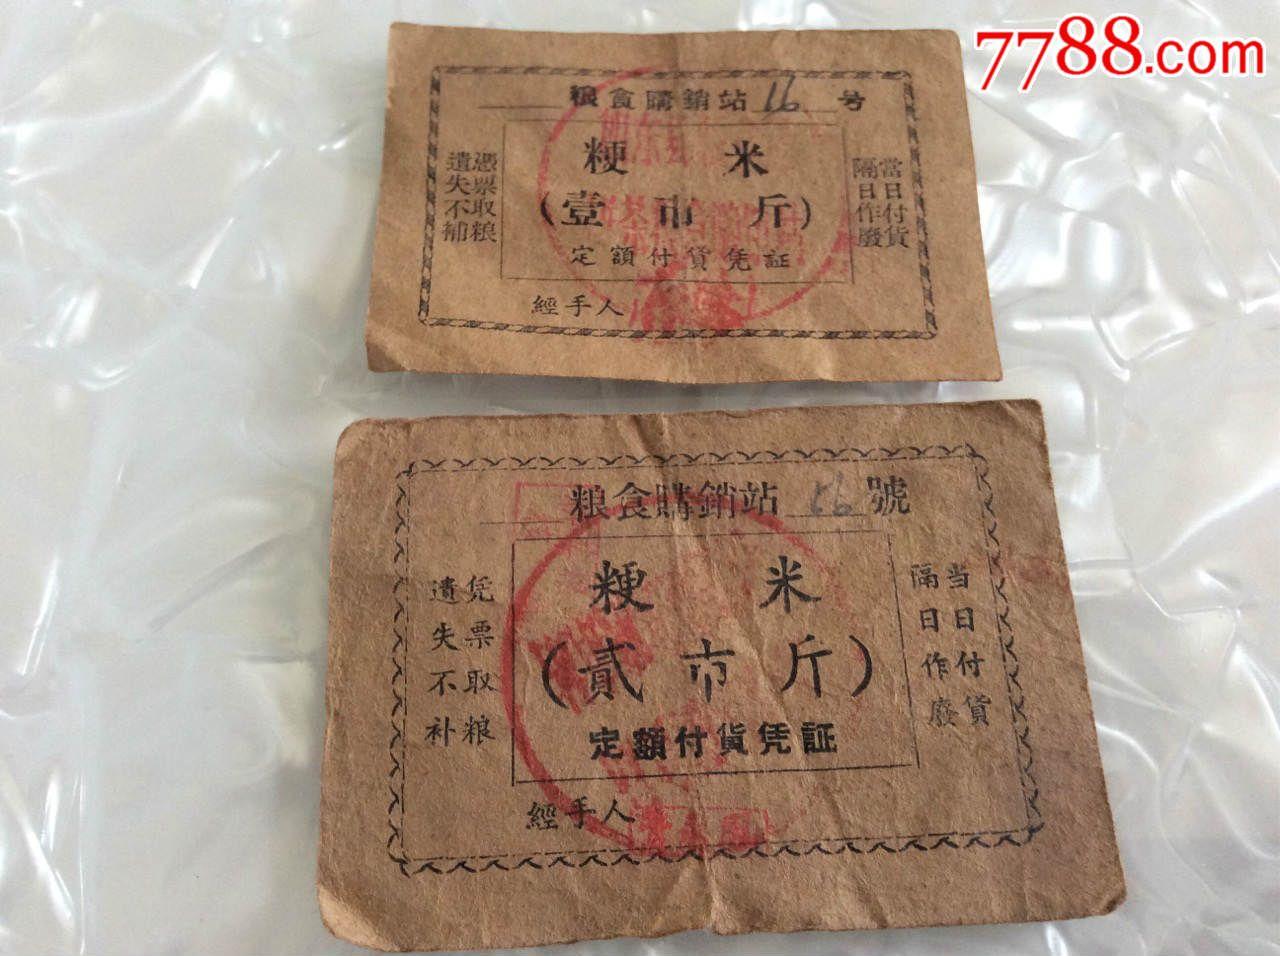 大米,1950-1959年,江苏,,小全套,无齿孔,,,,, 简介: 50-60年代如东县